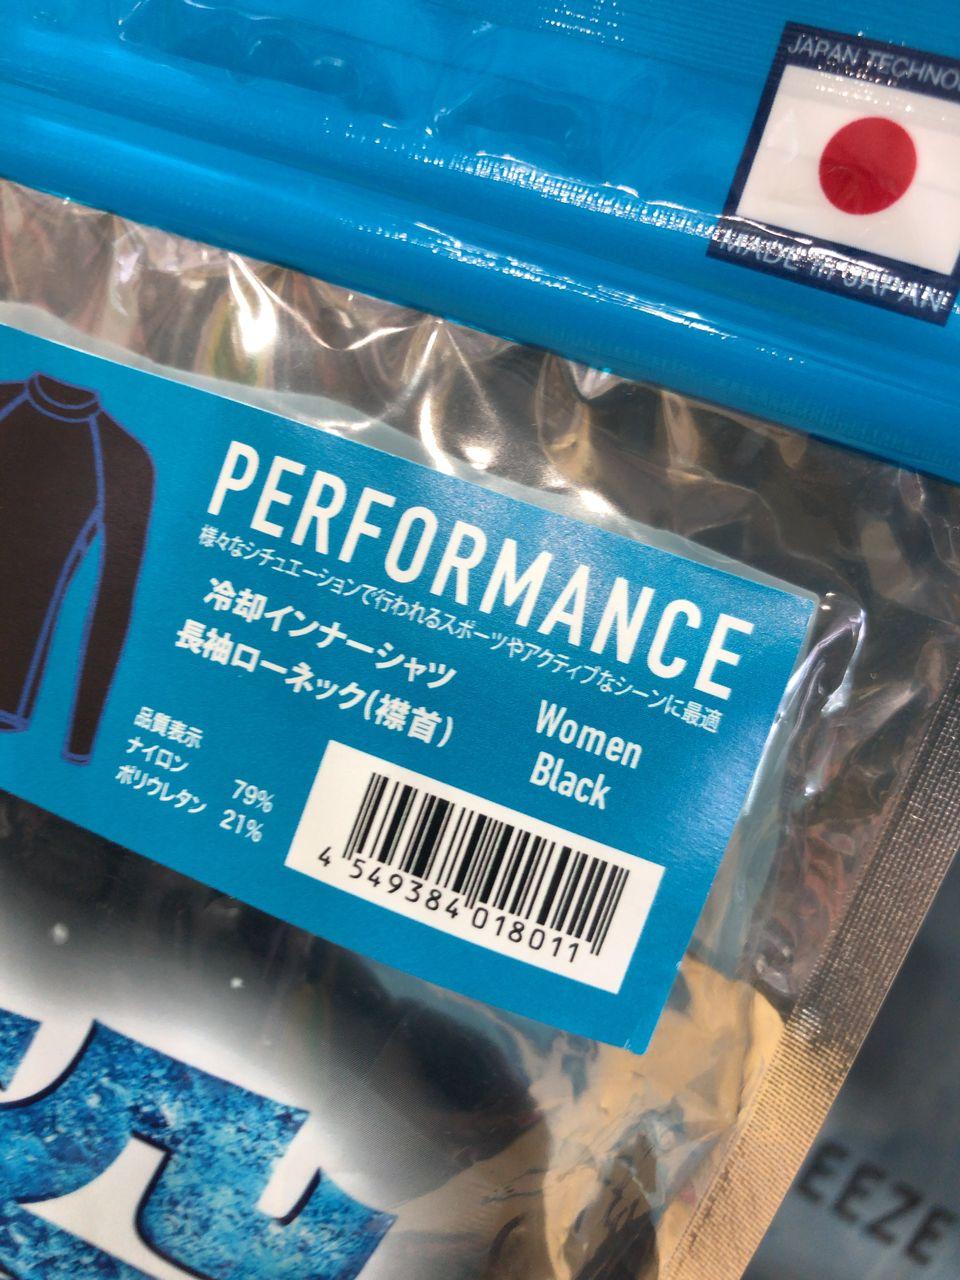 岡山県倉敷福山四国 バイク用品 冷却効果インナー レディース